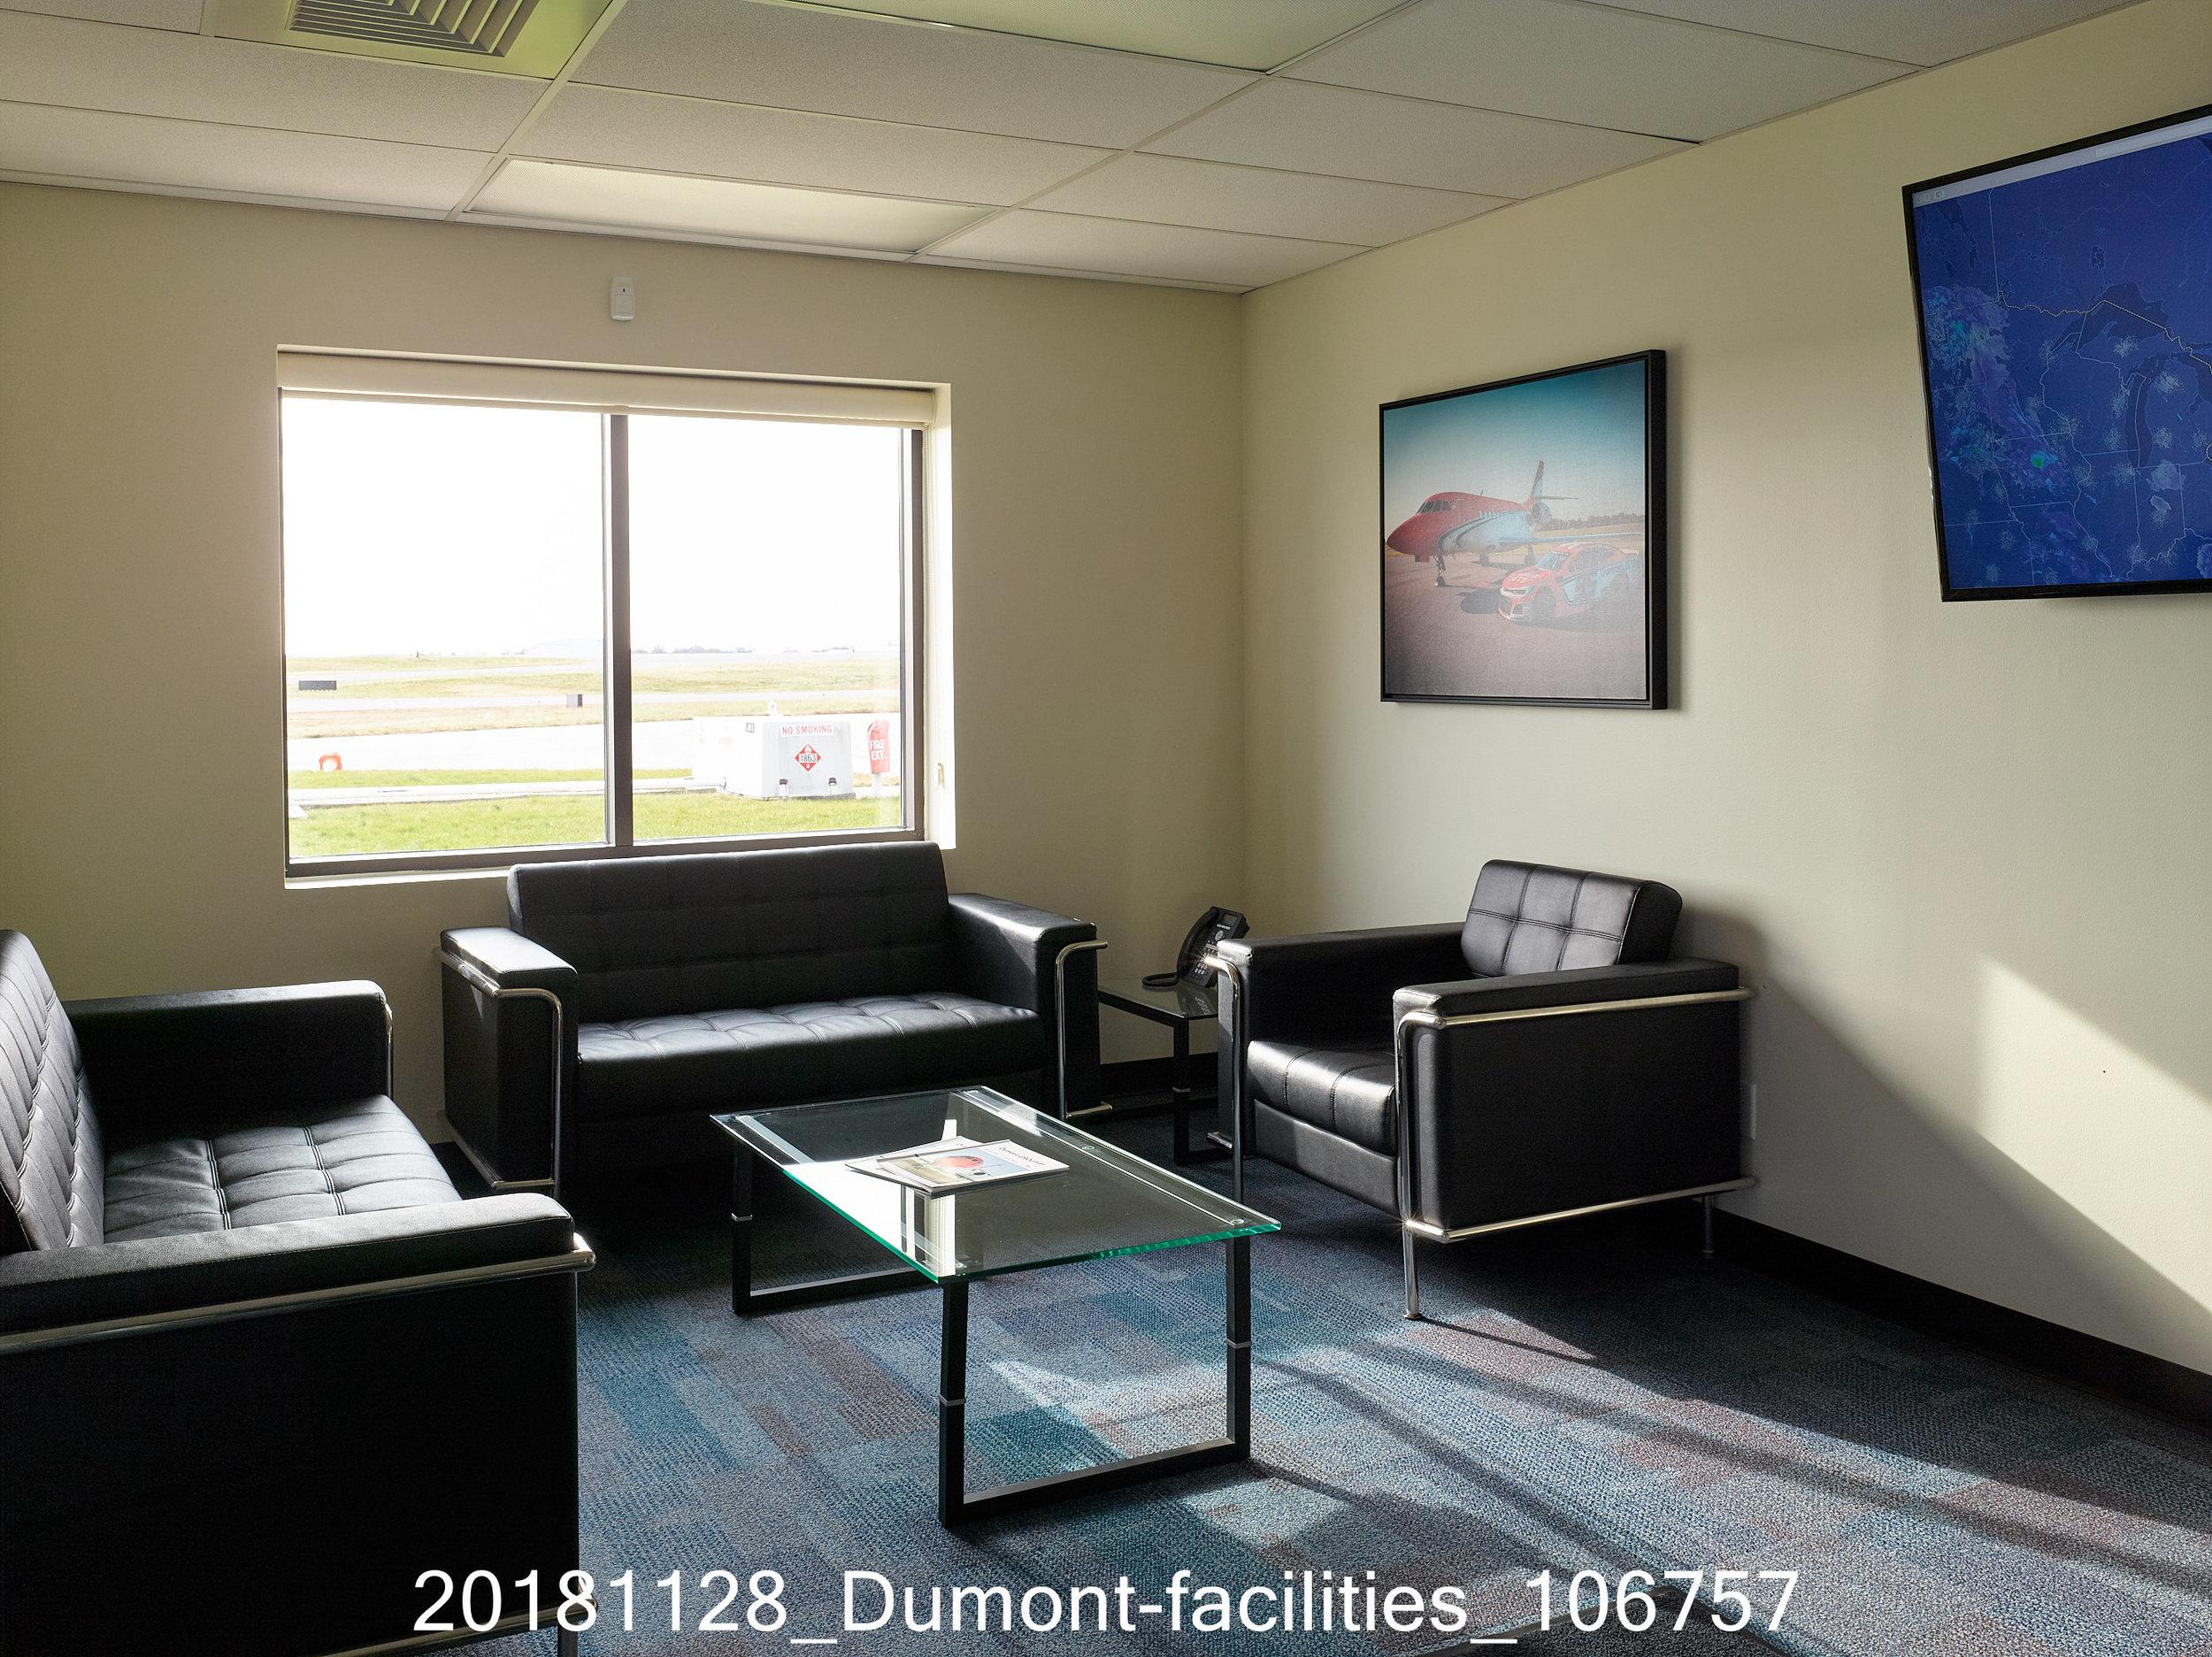 20181128_Dumont-facilities_106757.jpg